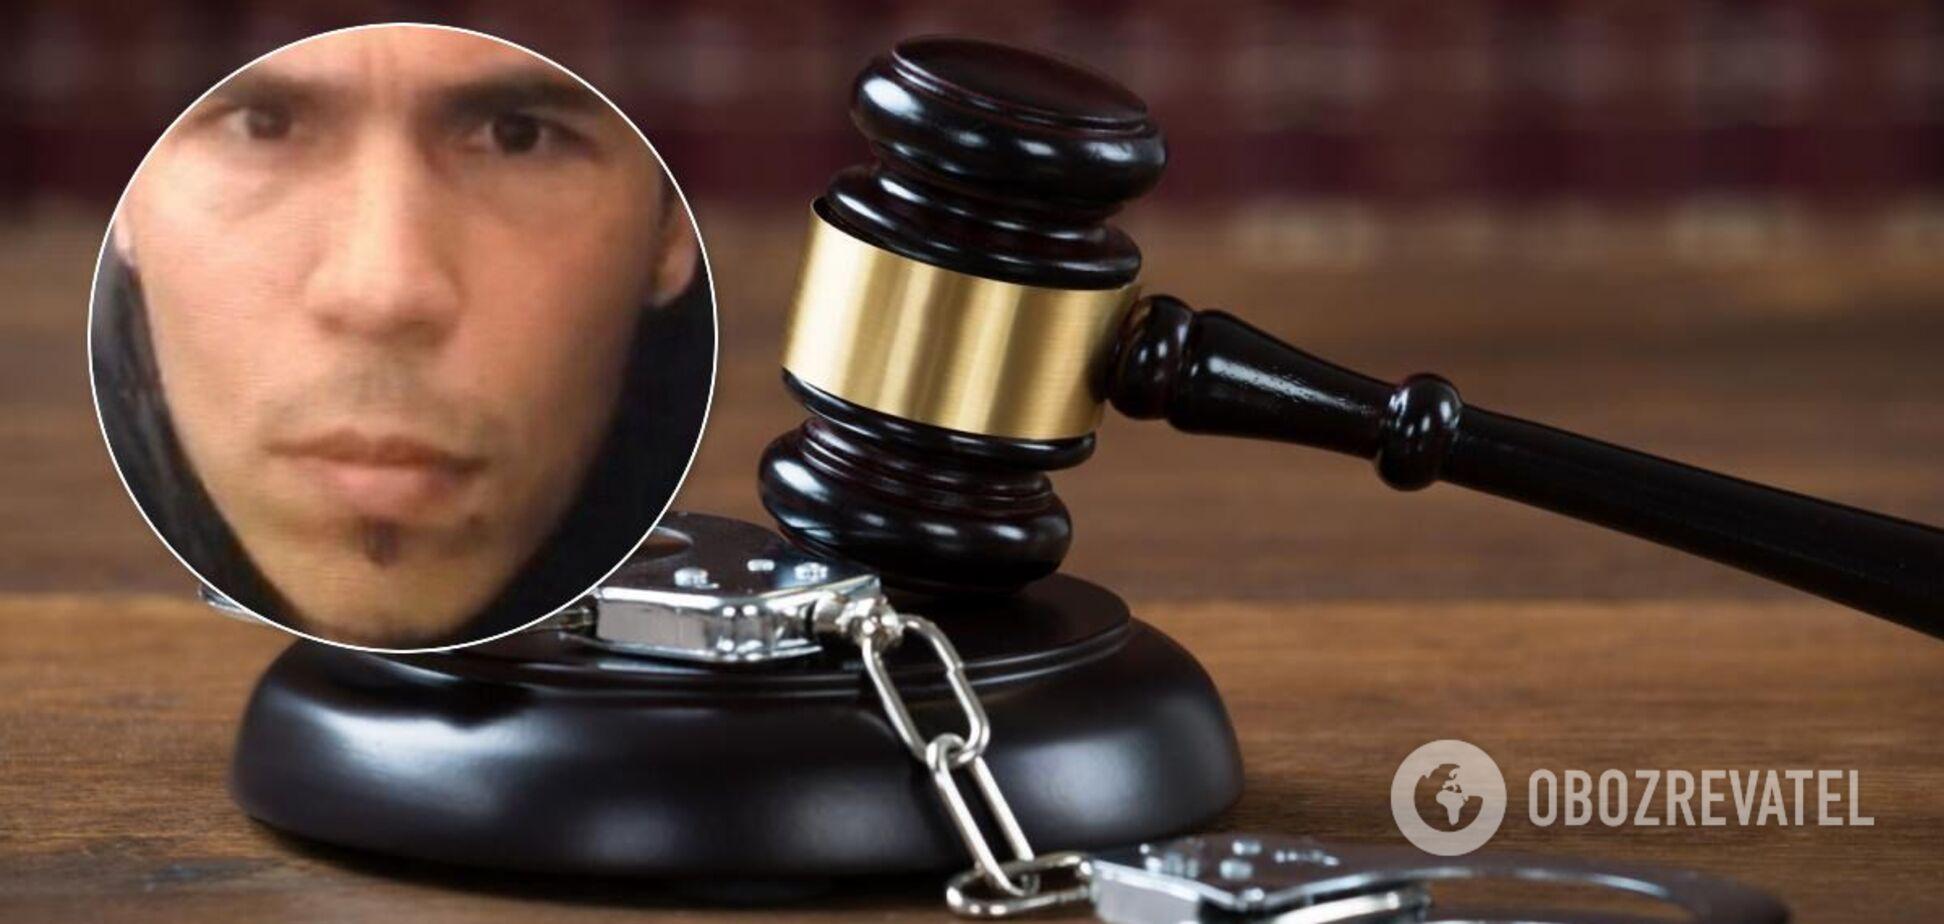 Машарипова приговорили к 40 пожизненным срокам за теракт в Стамбуле